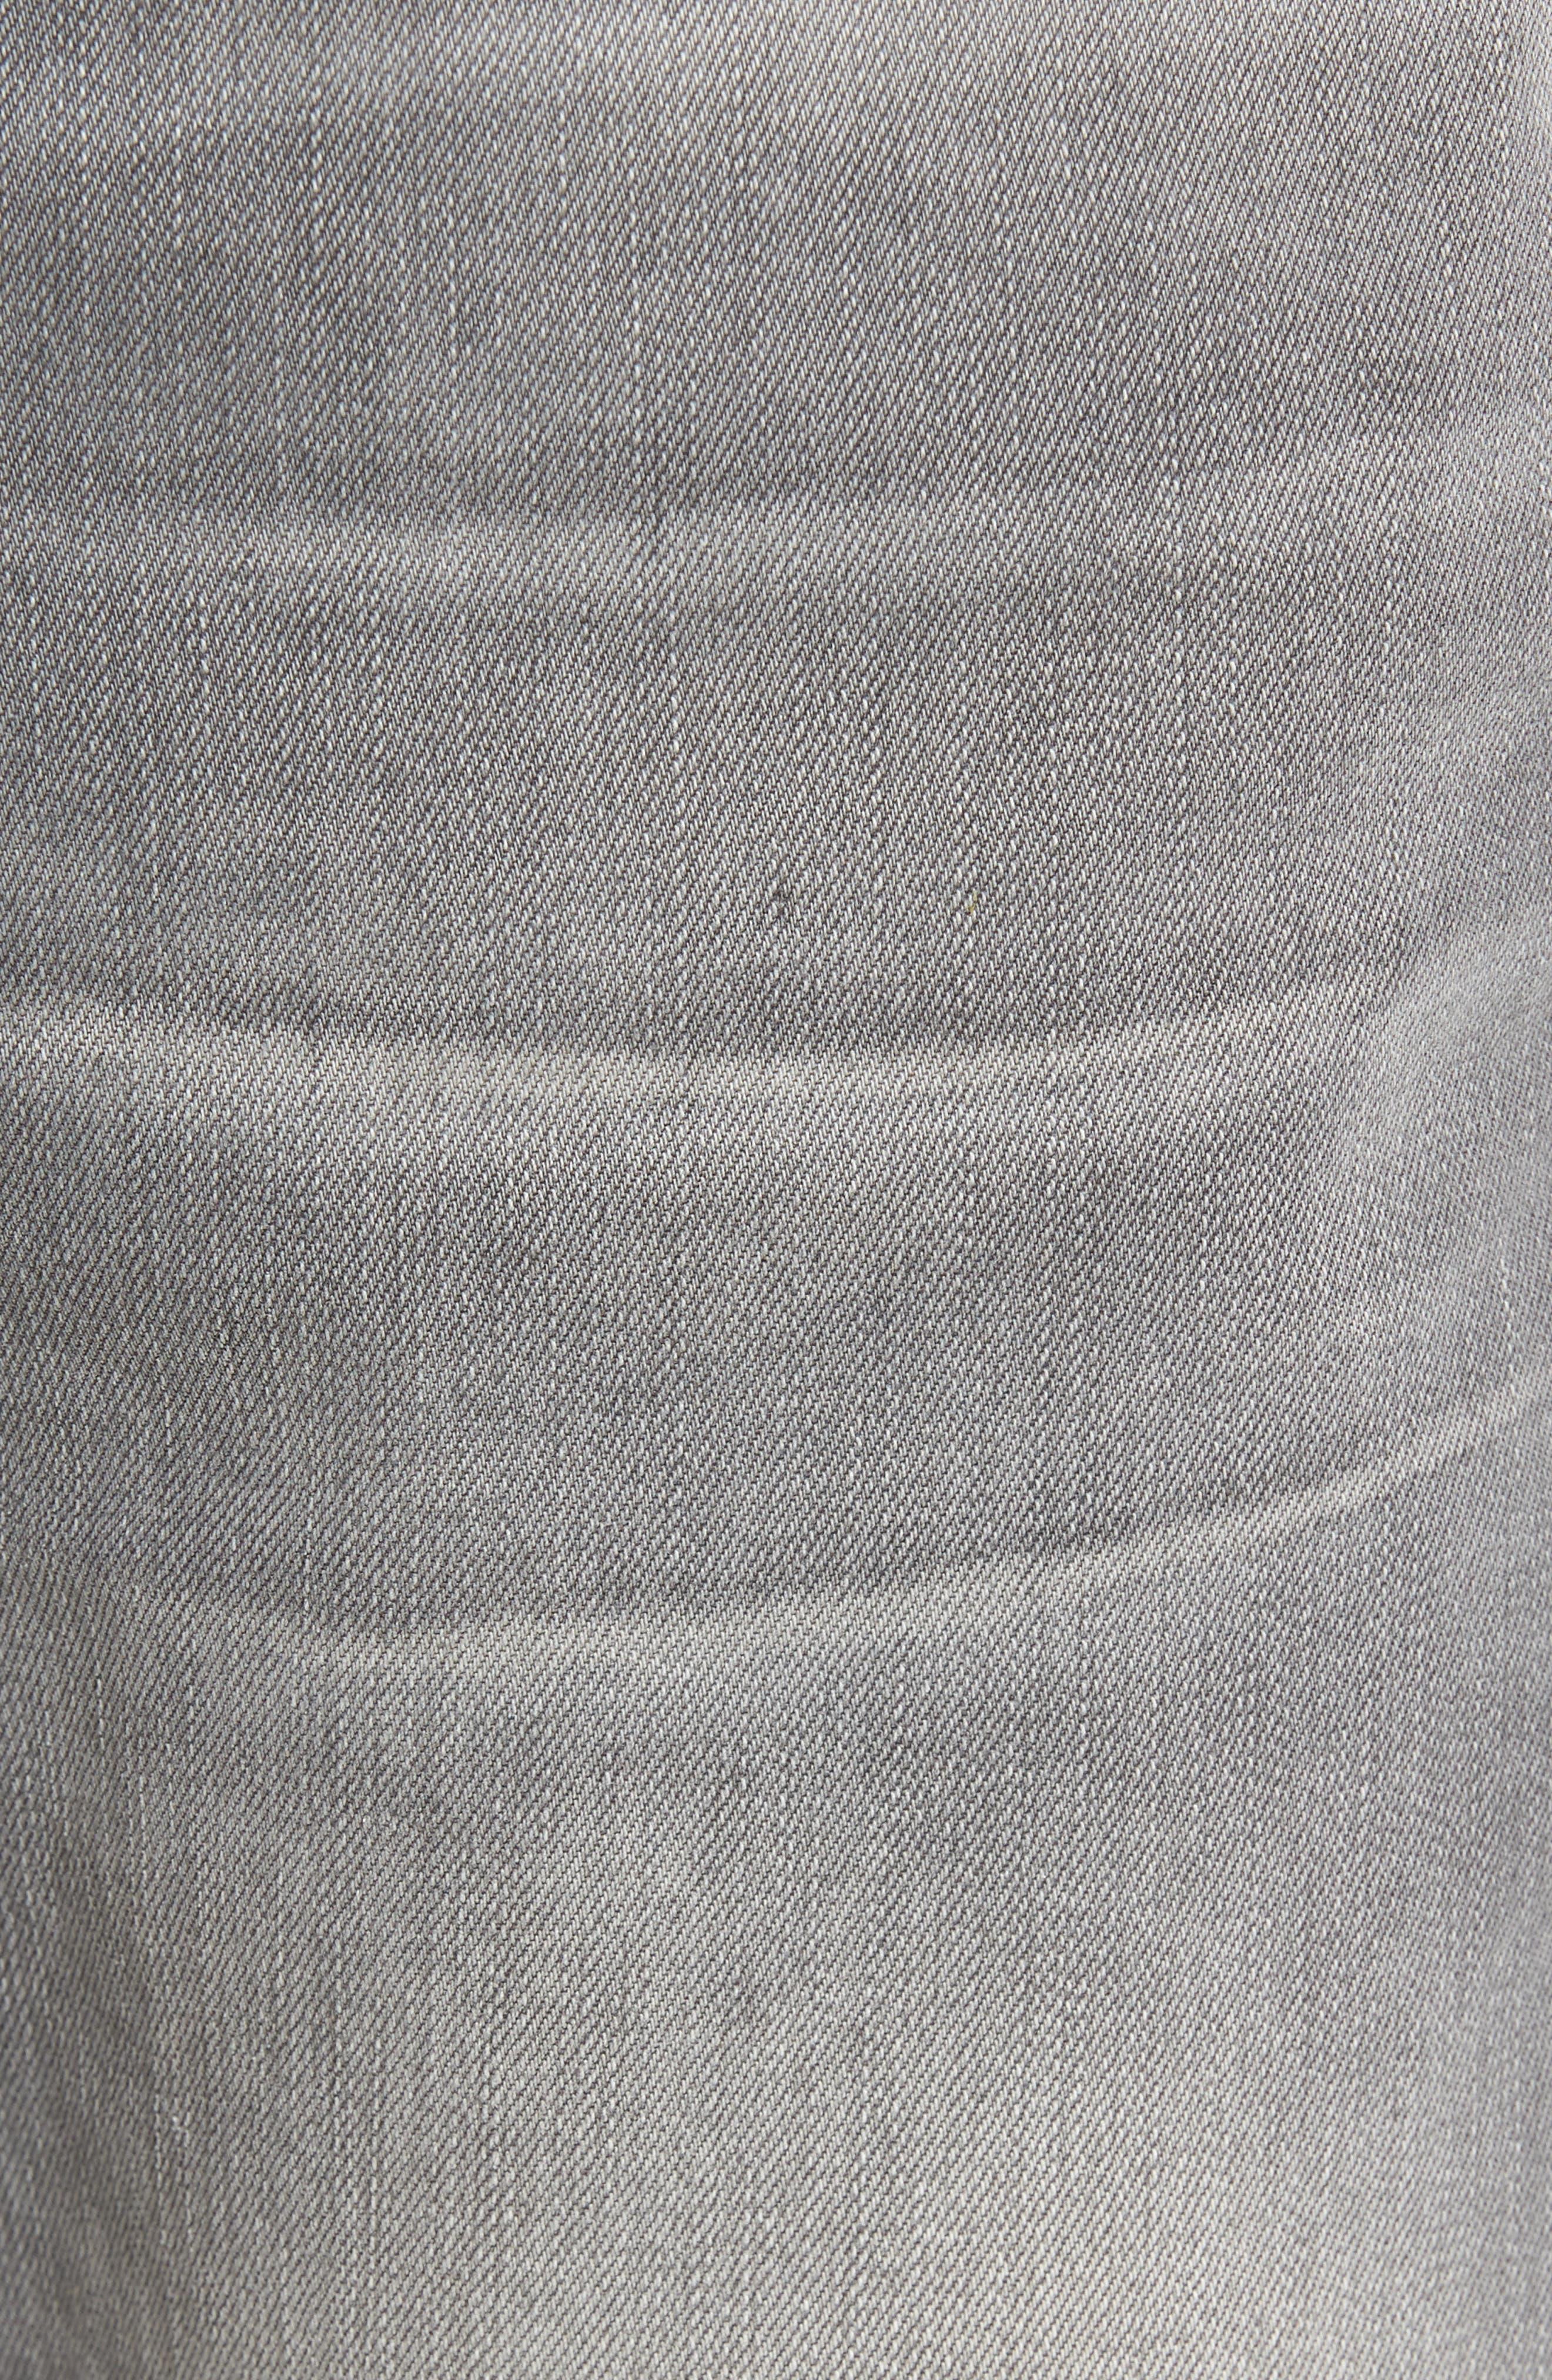 Alternate Image 5  - Nudie Jeans Lean Dean Slouchy Skinny Fit Jeans (Grey Ace)